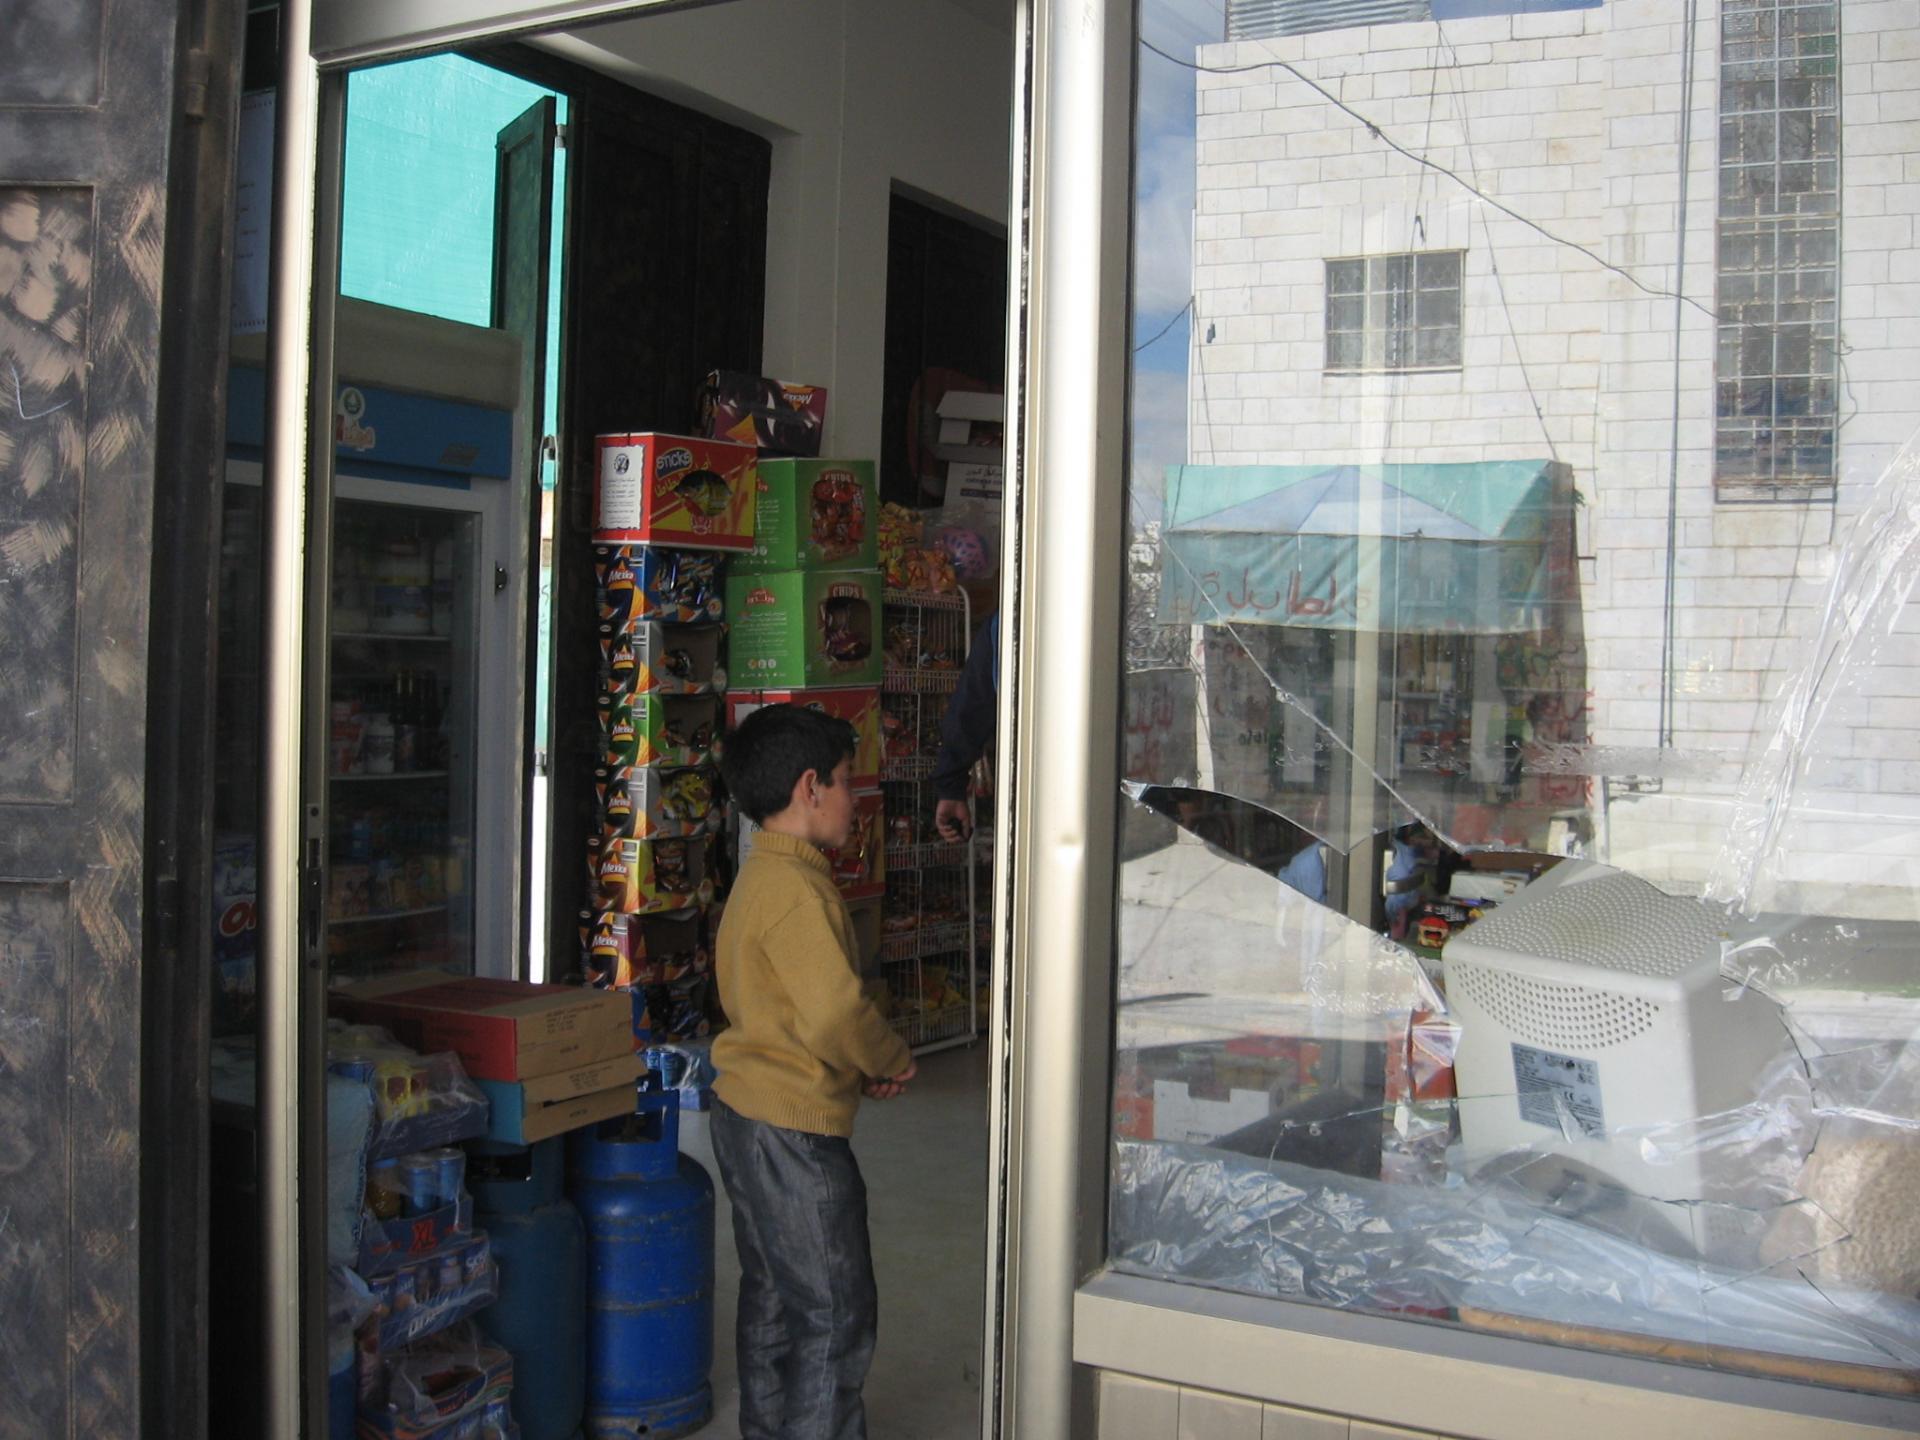 Hebron/Tel Rumeida 01.03.11